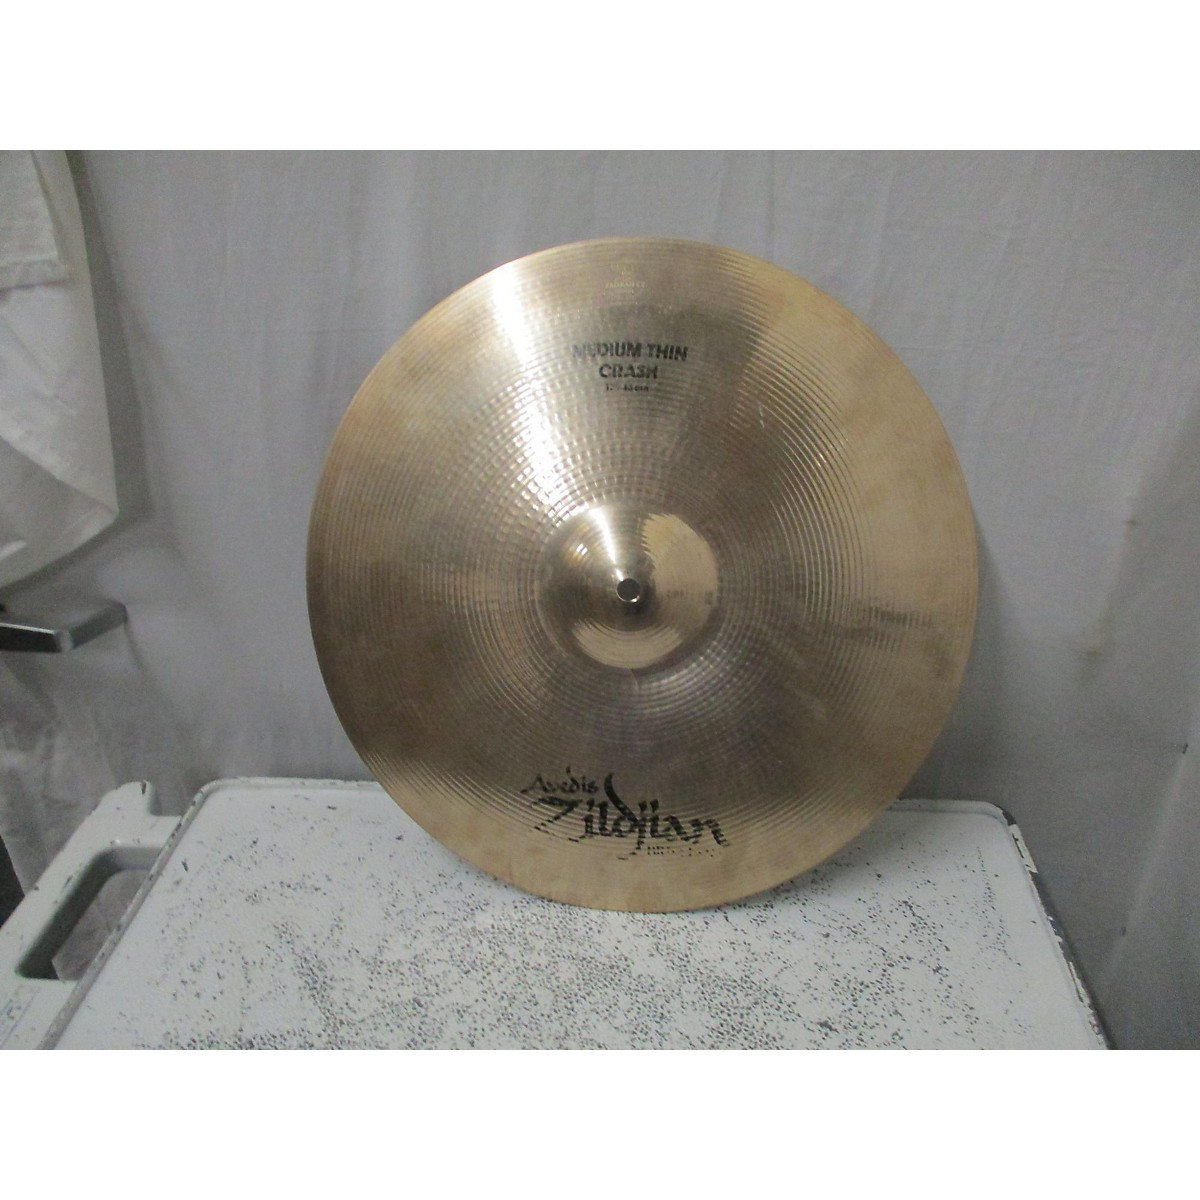 Zildjian 17in Avedis Medium Thin Crash